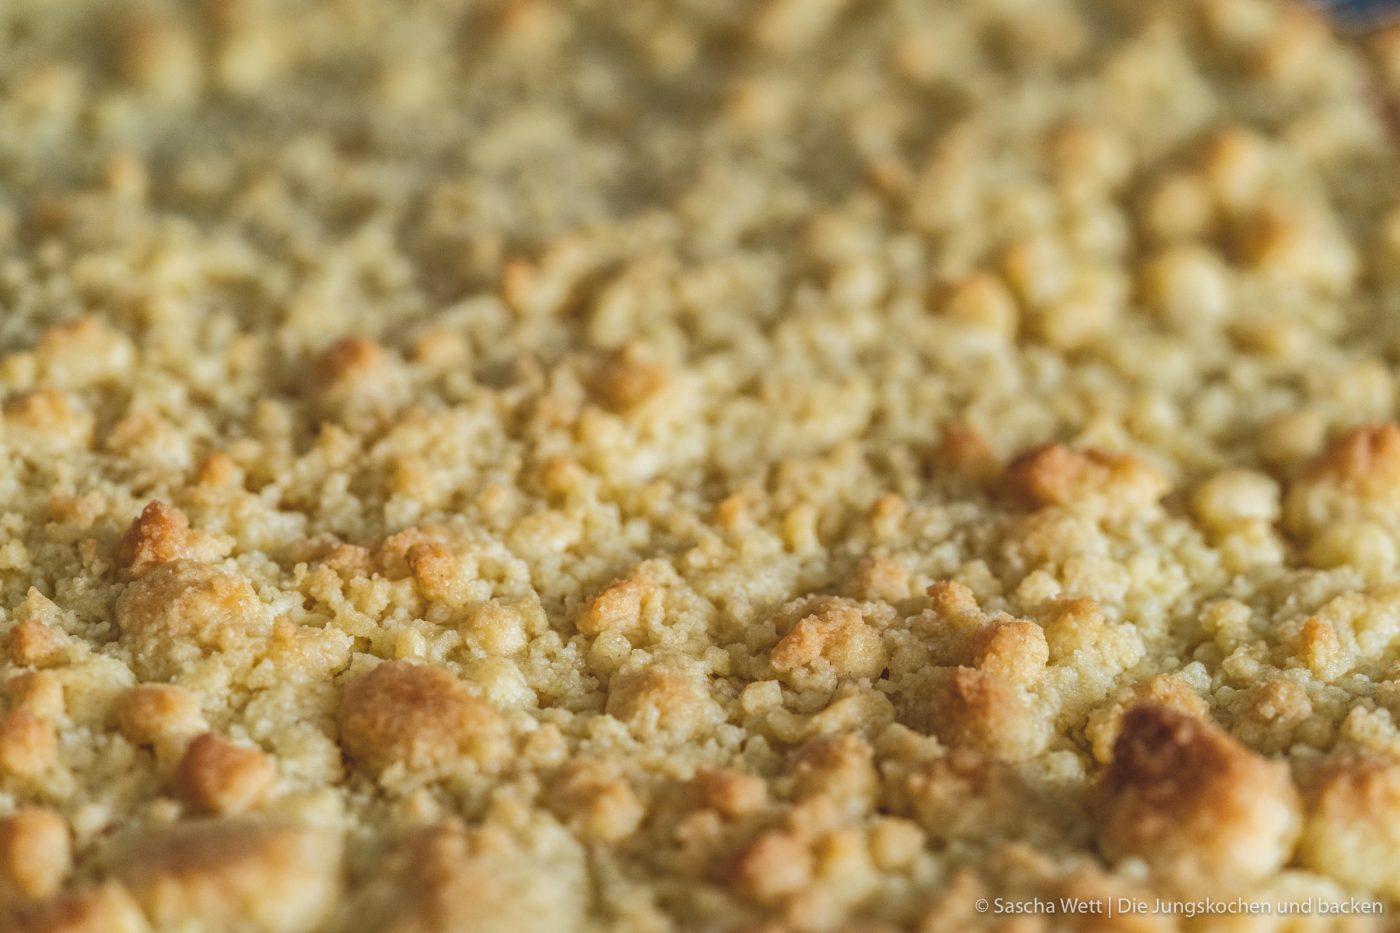 Streuselkuchen Miele Rezeptvideo 2 | Wir hatten mal wieder so richtig Lust auf einen Blechkuchen. Nach viel Grübelei hat uns ein Kölner Bäcker auf die zündende Idee gebracht, denn dort gab es einen ganz einfachen Streuselkuchen. Leider sind die beim Bäcker oft super trocken und so kam uns der Gedanke, dass wir diesen Klassiker vom Blech einfach selber machen. Das ganze gibt es mal wieder als praktisches Rezeptvideo!!!